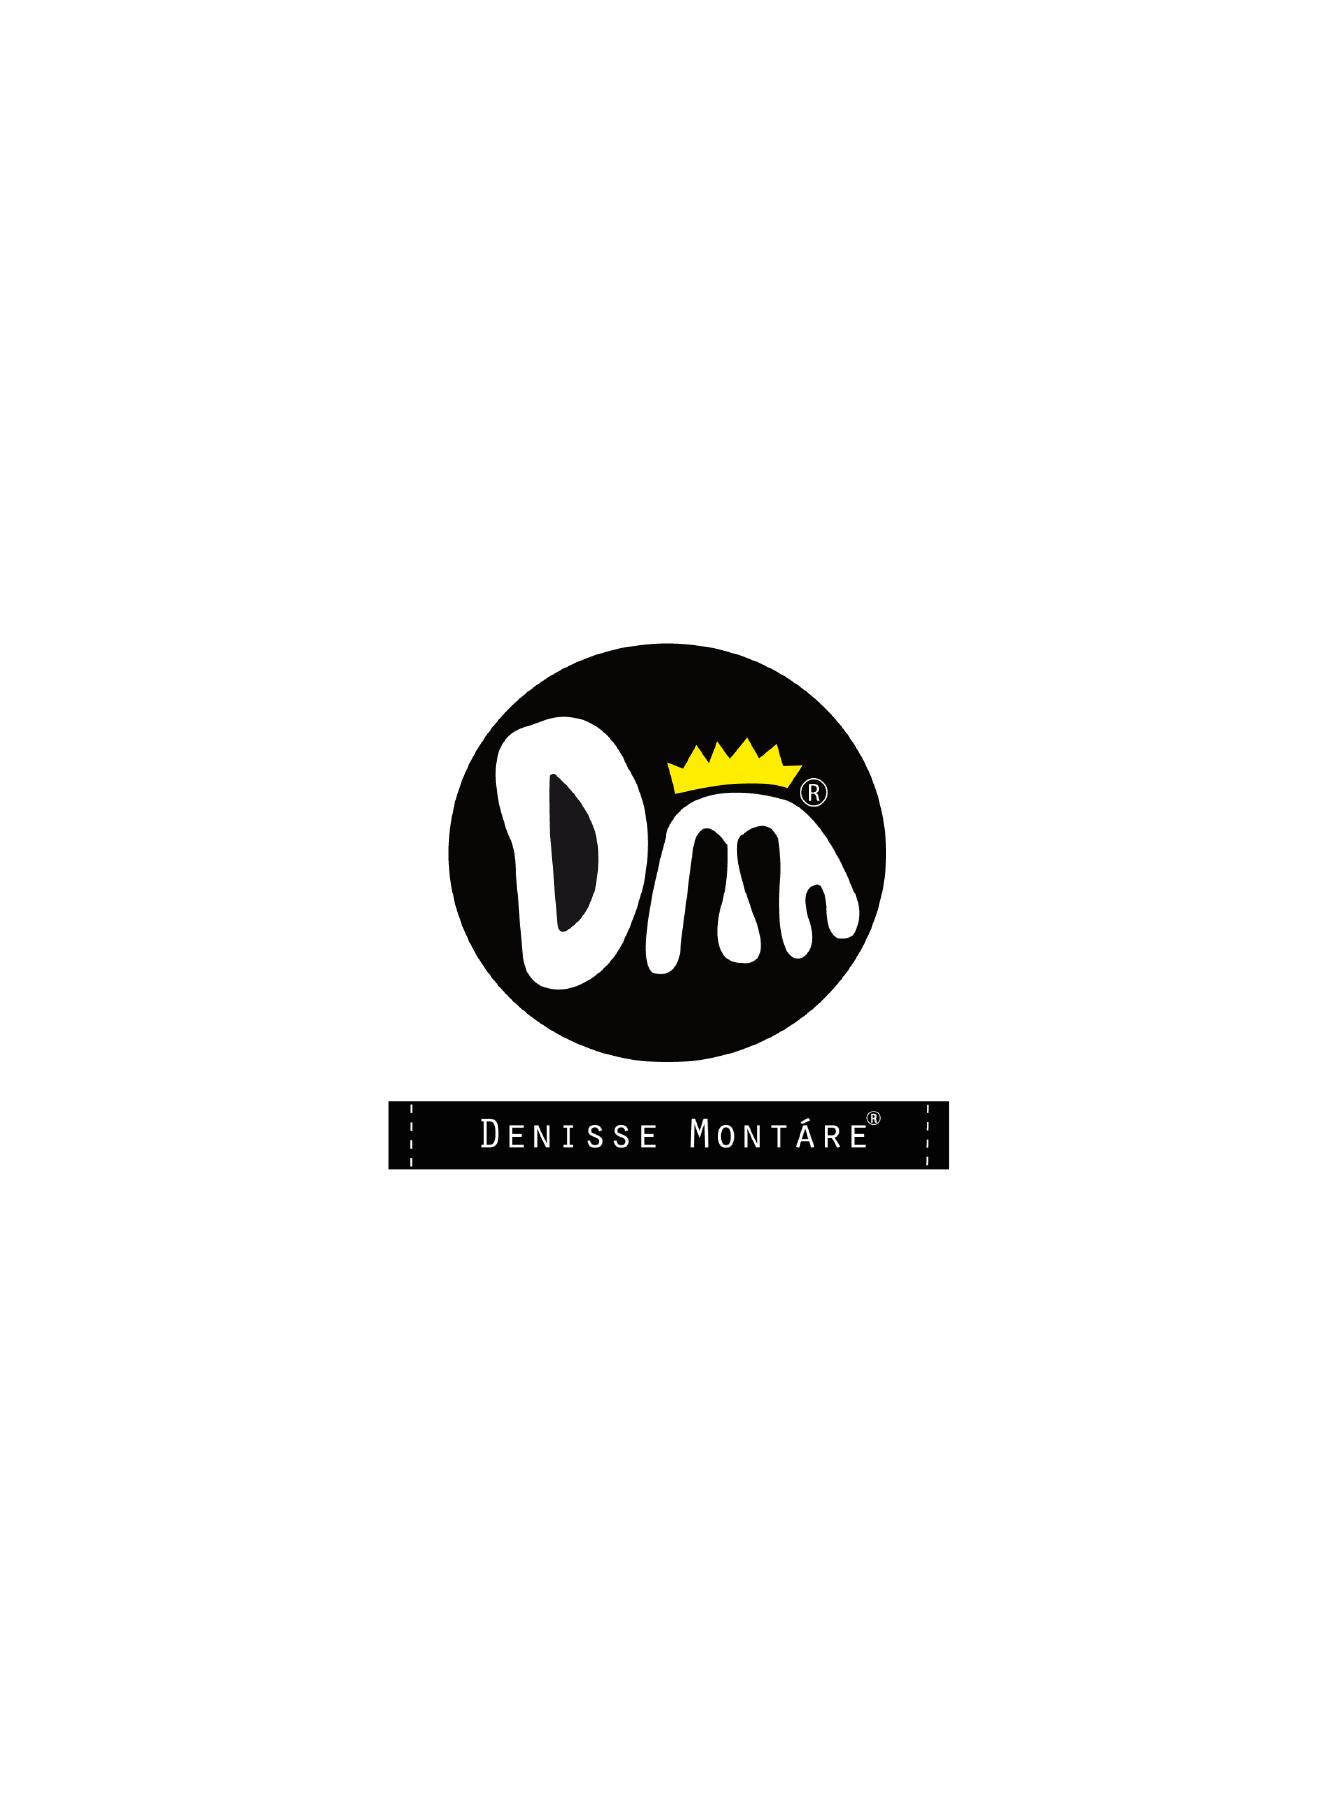 denissemontare_perfil